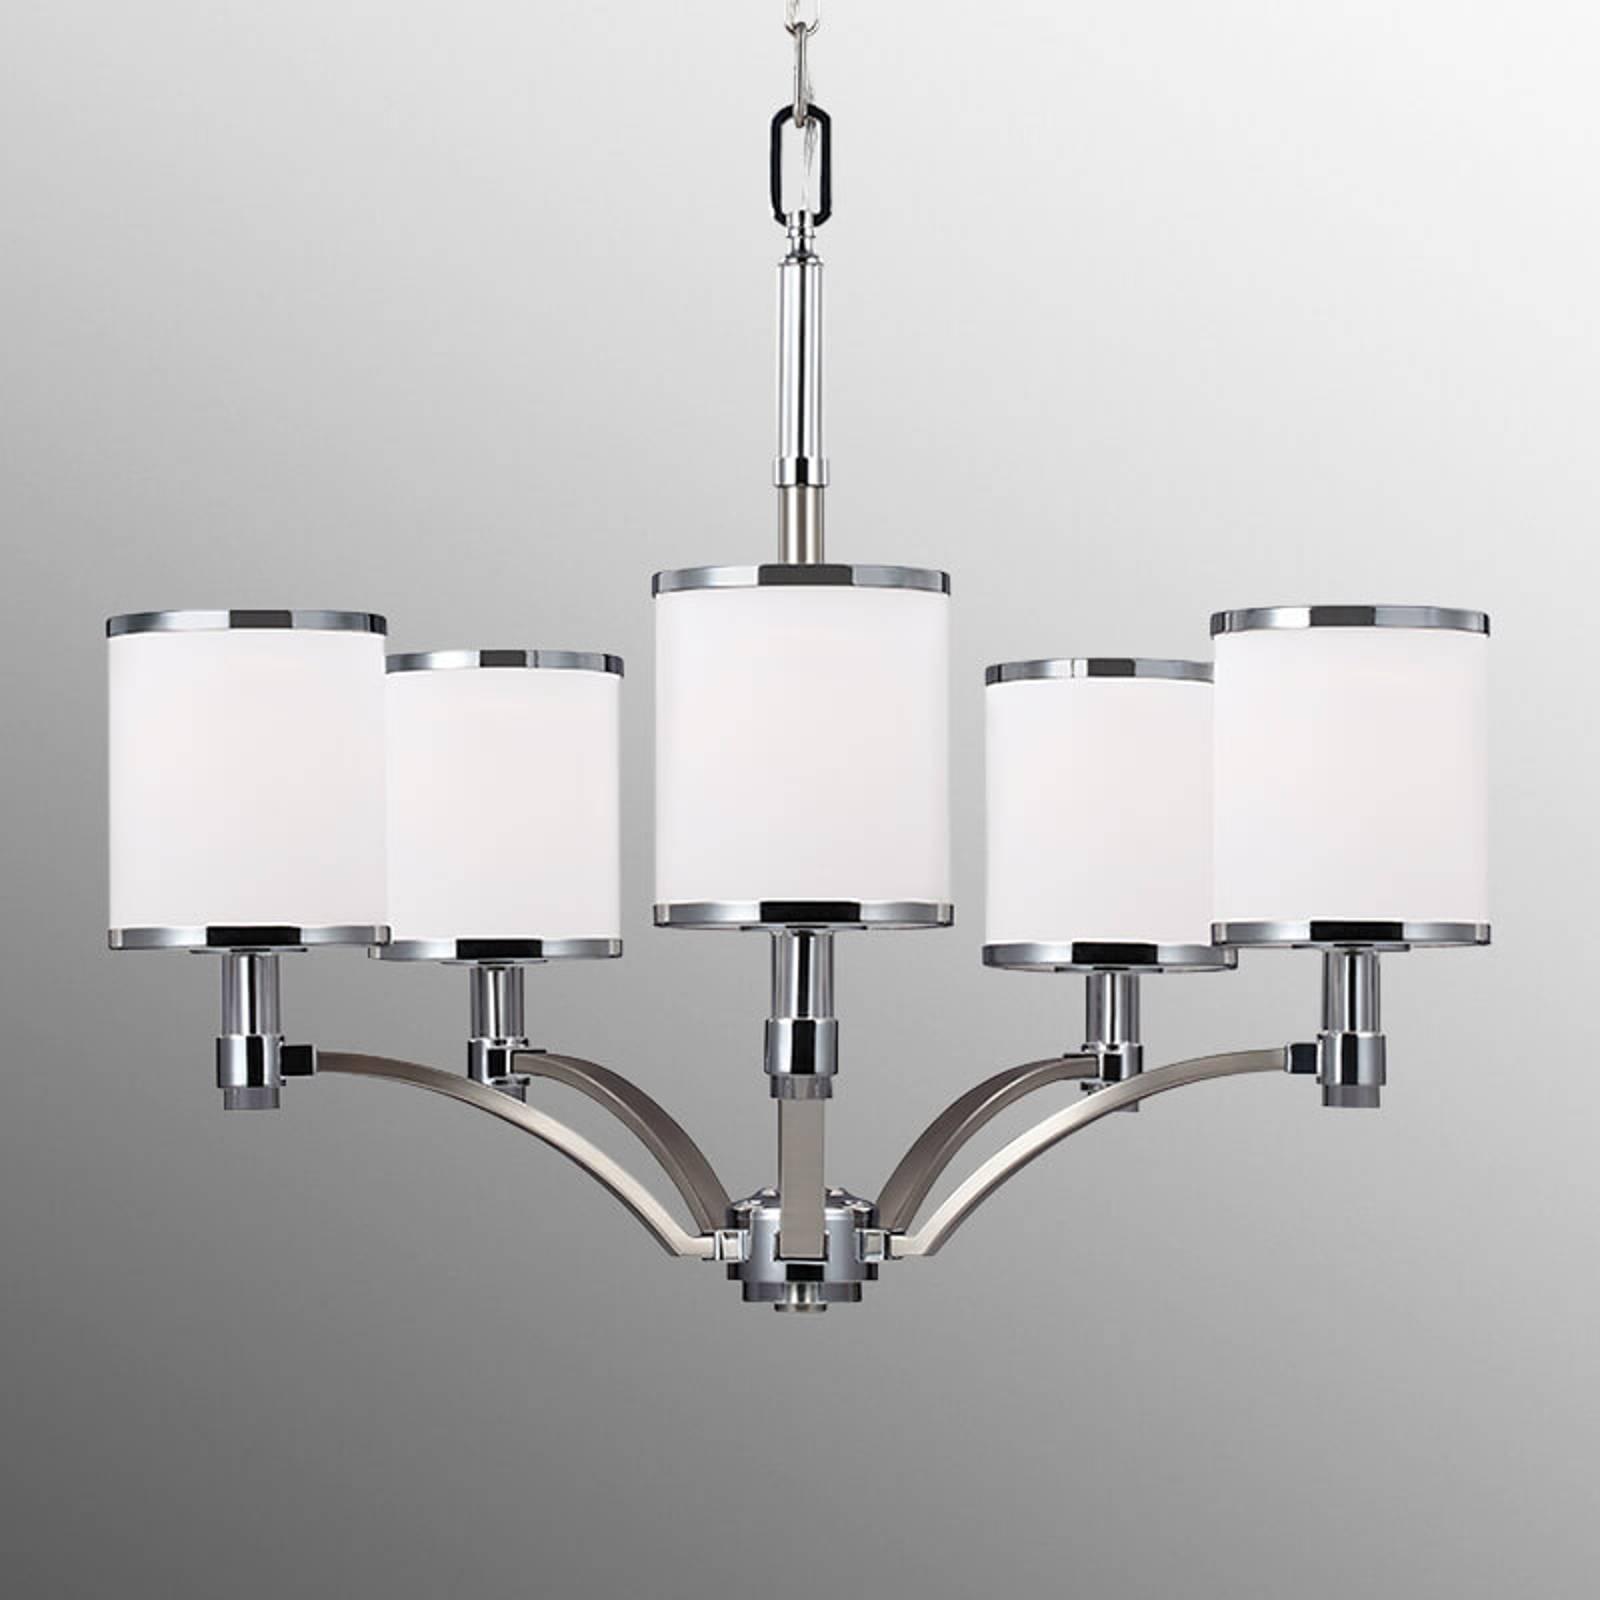 Kroonluchter Prospect Park 5-lamps